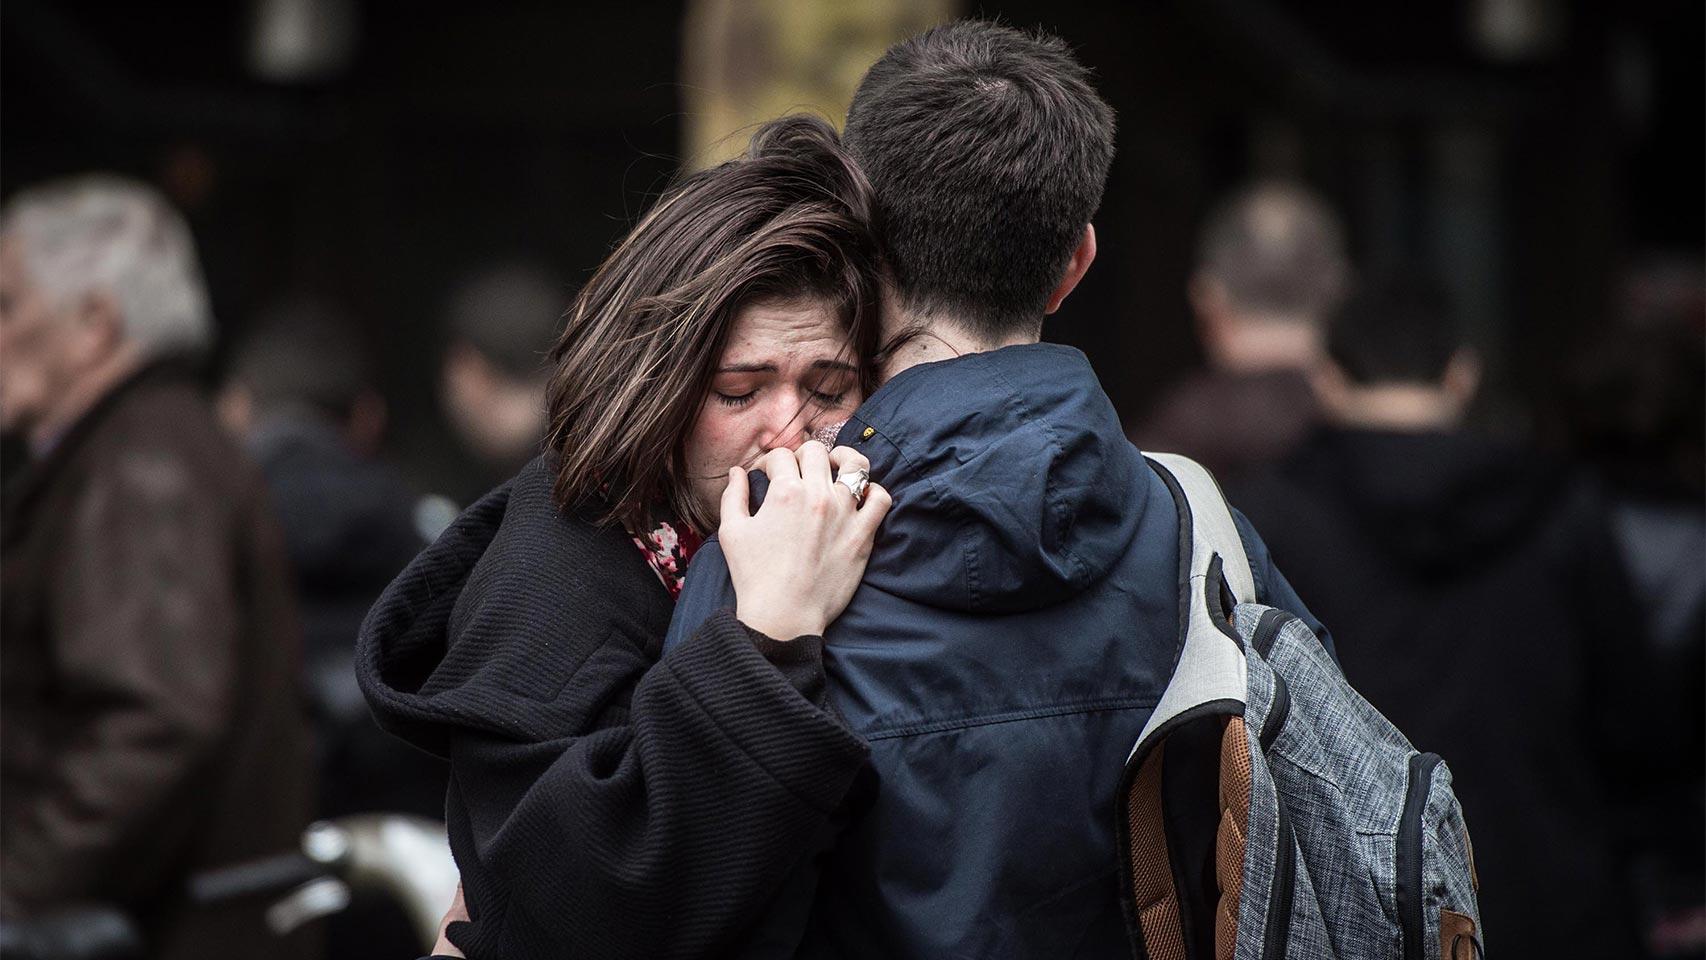 Una pareja se abraza cerca de uno de los cafés atacados.